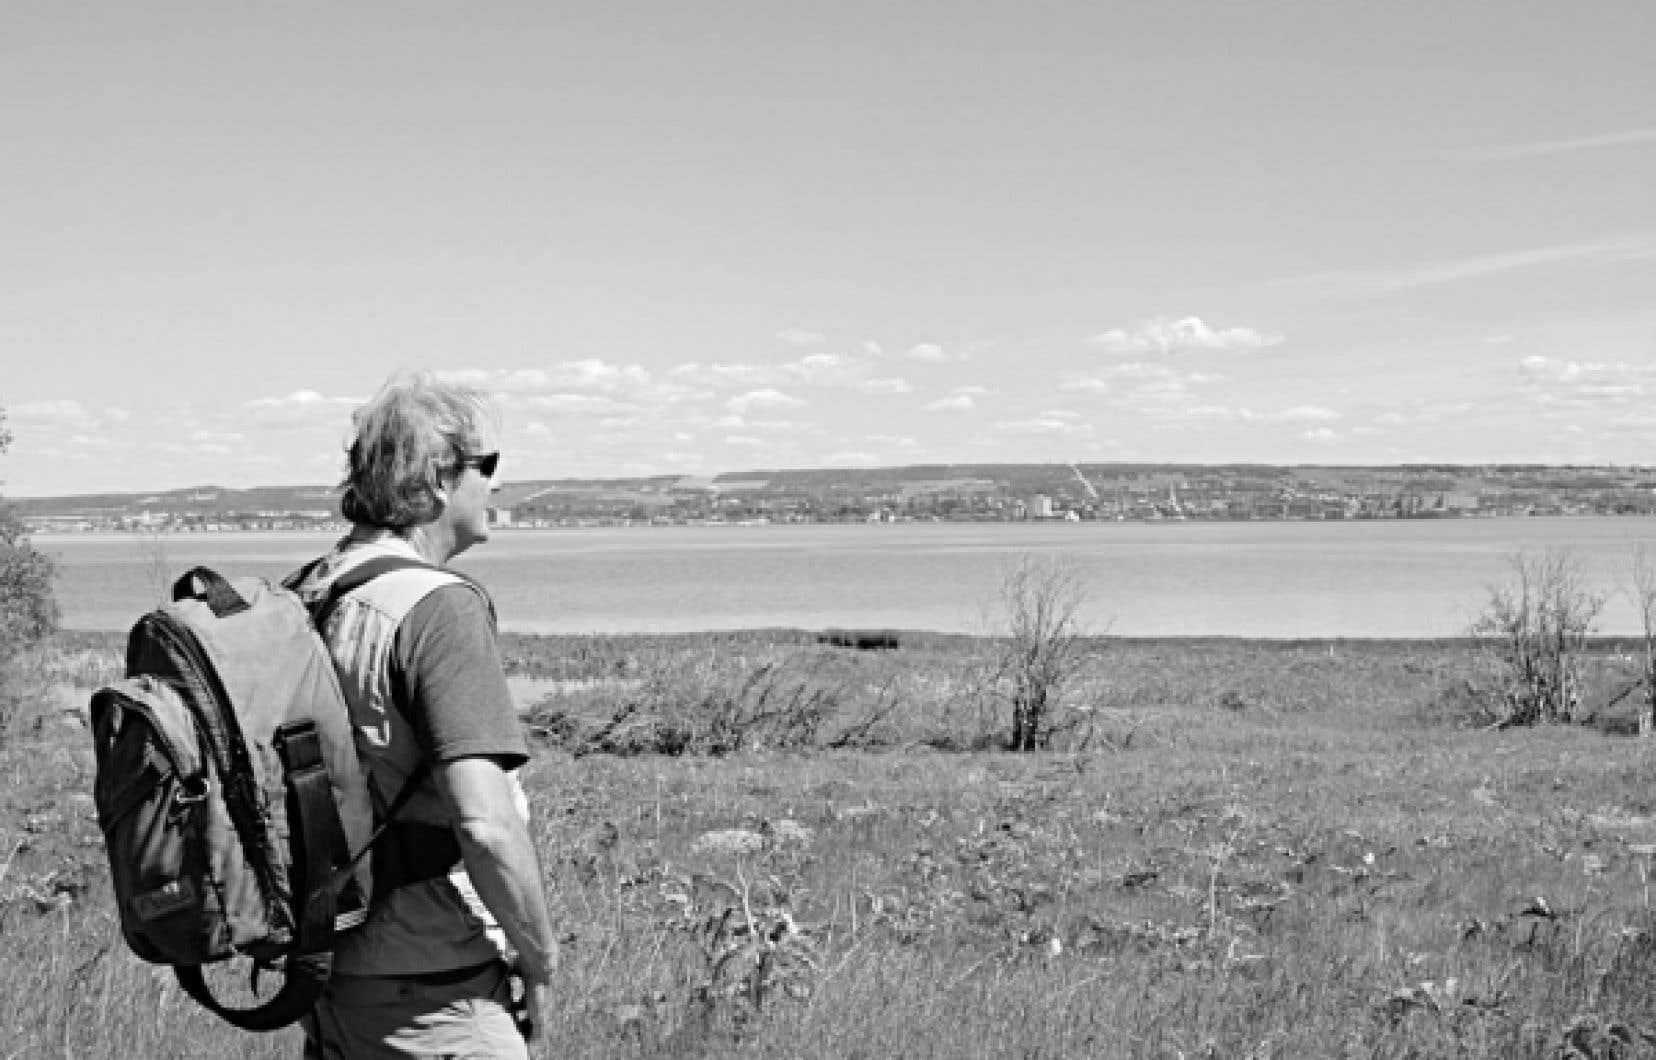 Le chargé de projet, Armand Dubé, a réussi à mettre en valeur le potentiel historique et écologique de l'île Saint-Barnabé, qui fait face à la ville de Rimouski.<br />